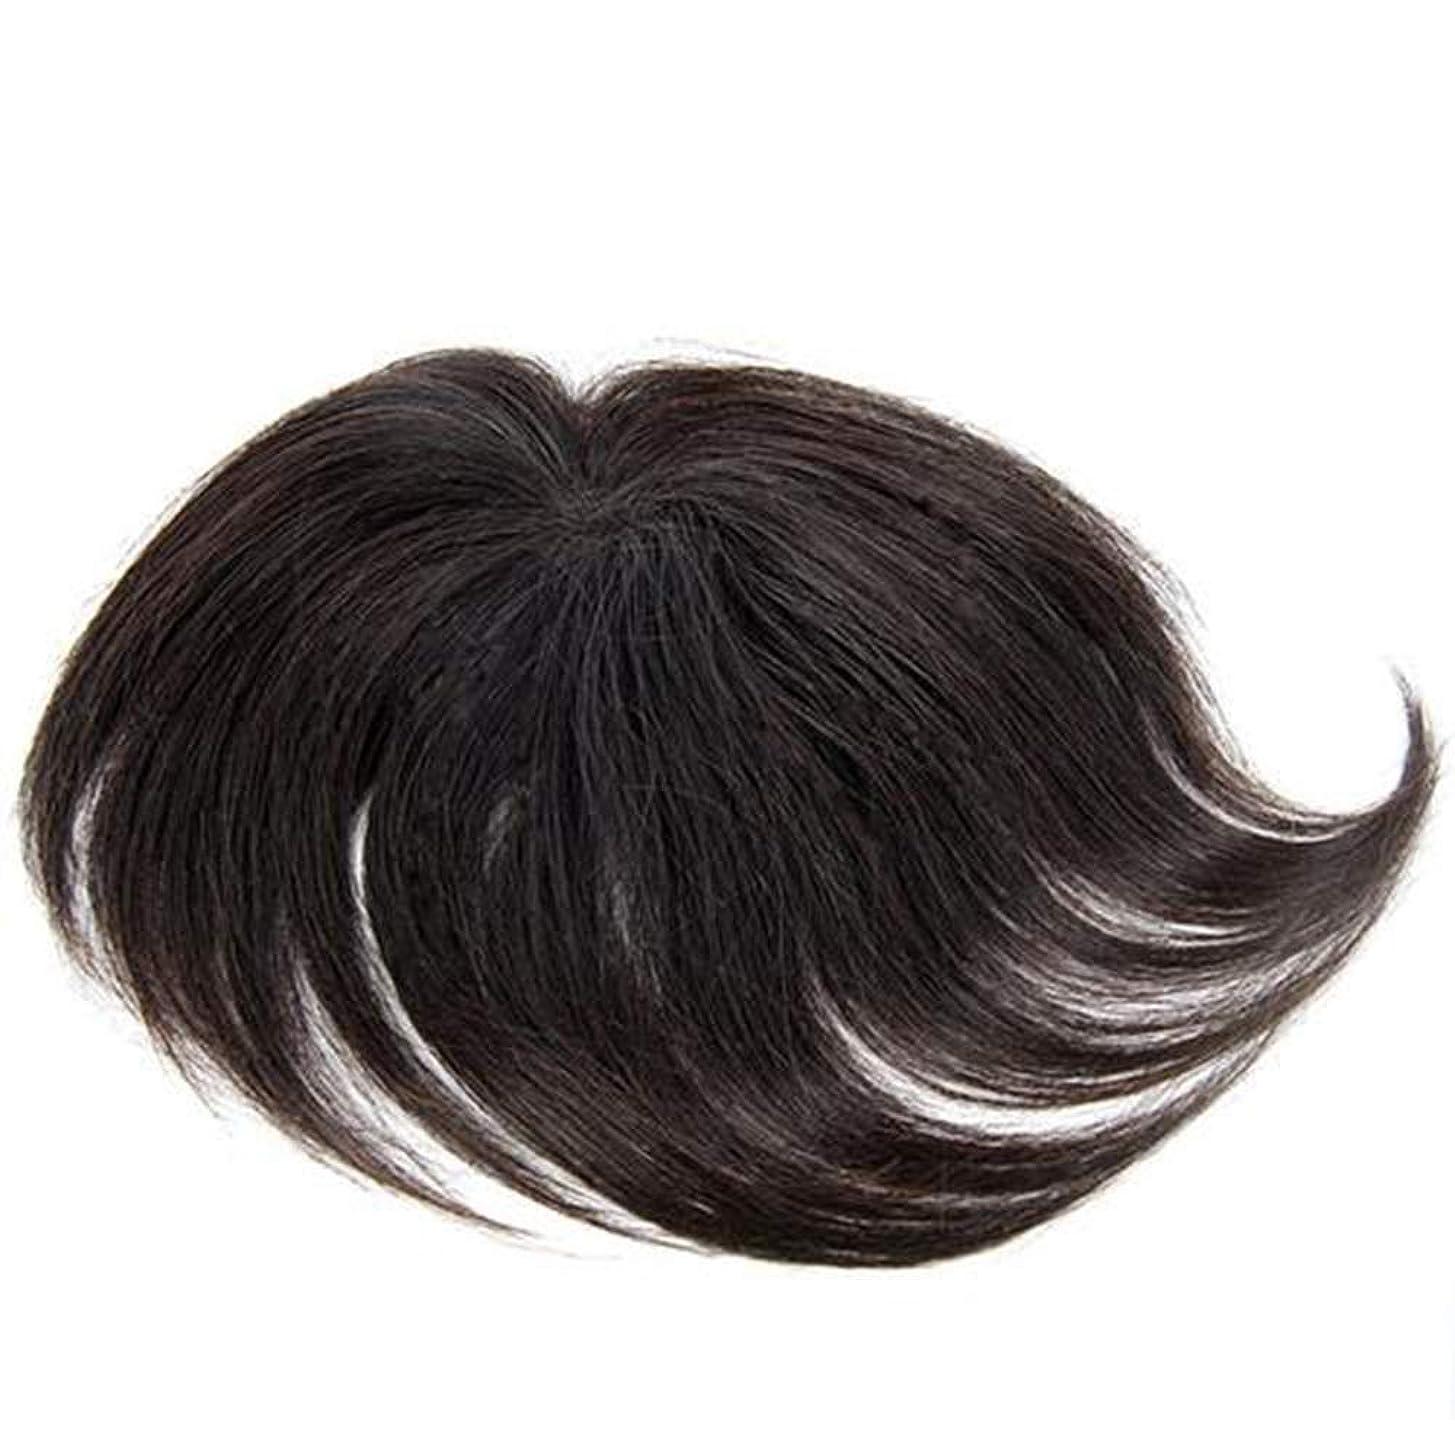 日光デコレーション息子Yrattary 女性のかつらをカバーするための実際の髪の拡張子で自然に見える手織りクリップ白髪短髪かつら (色 : Natural black, サイズ : 20cm)